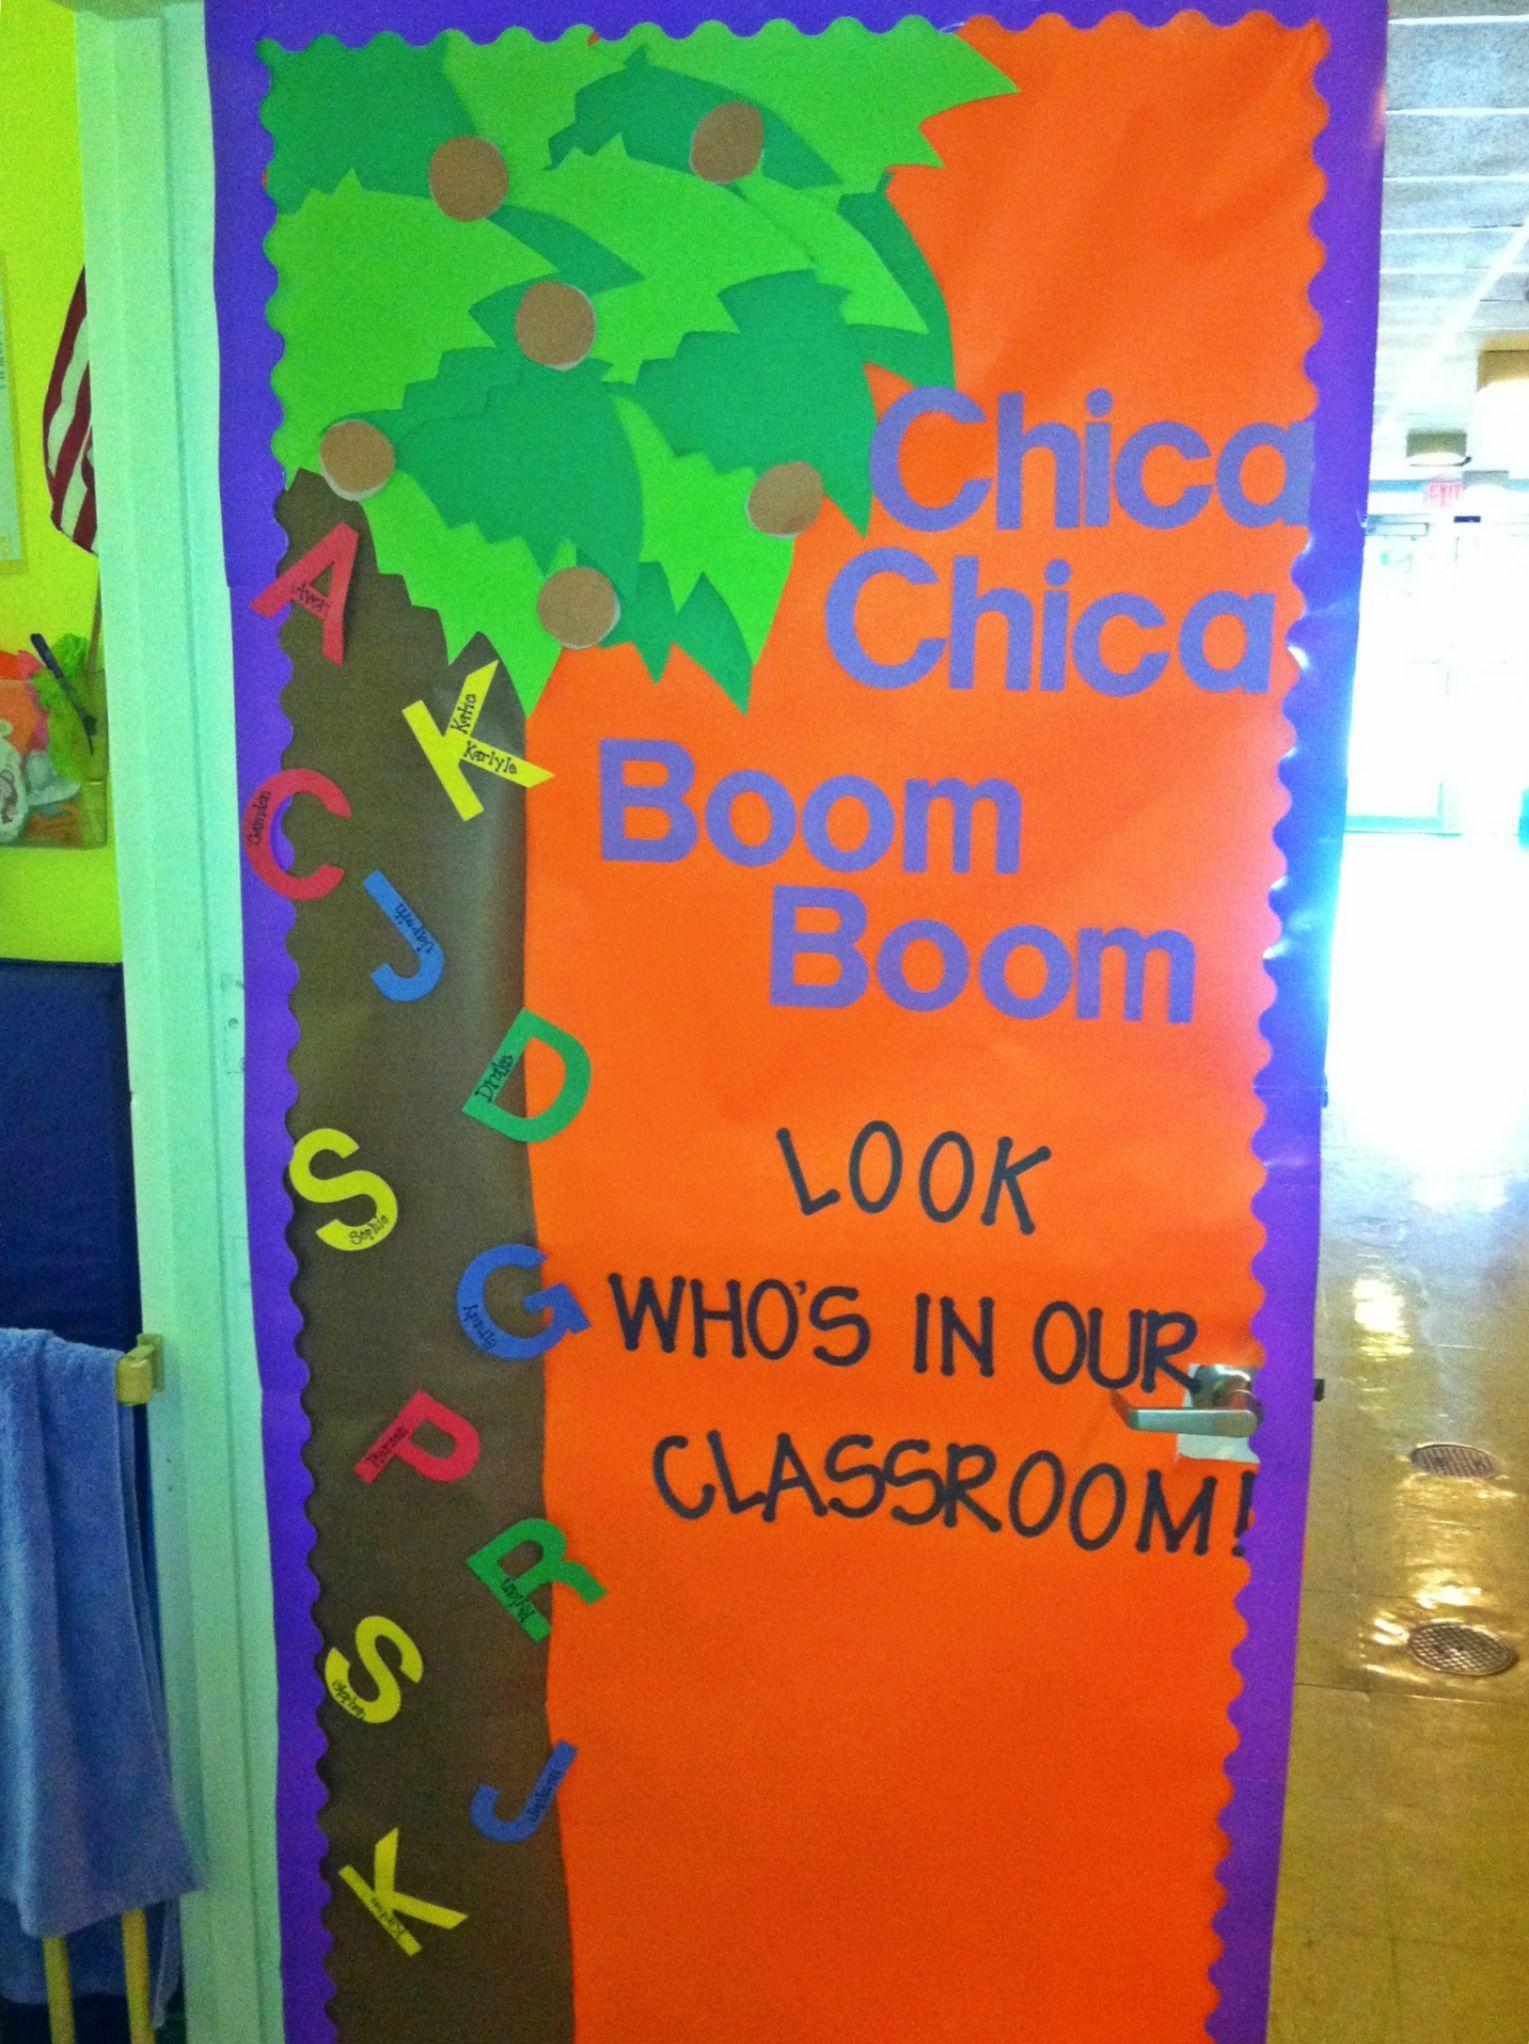 Preschool Classroom Door I Love Chica Chica Boom Boom And